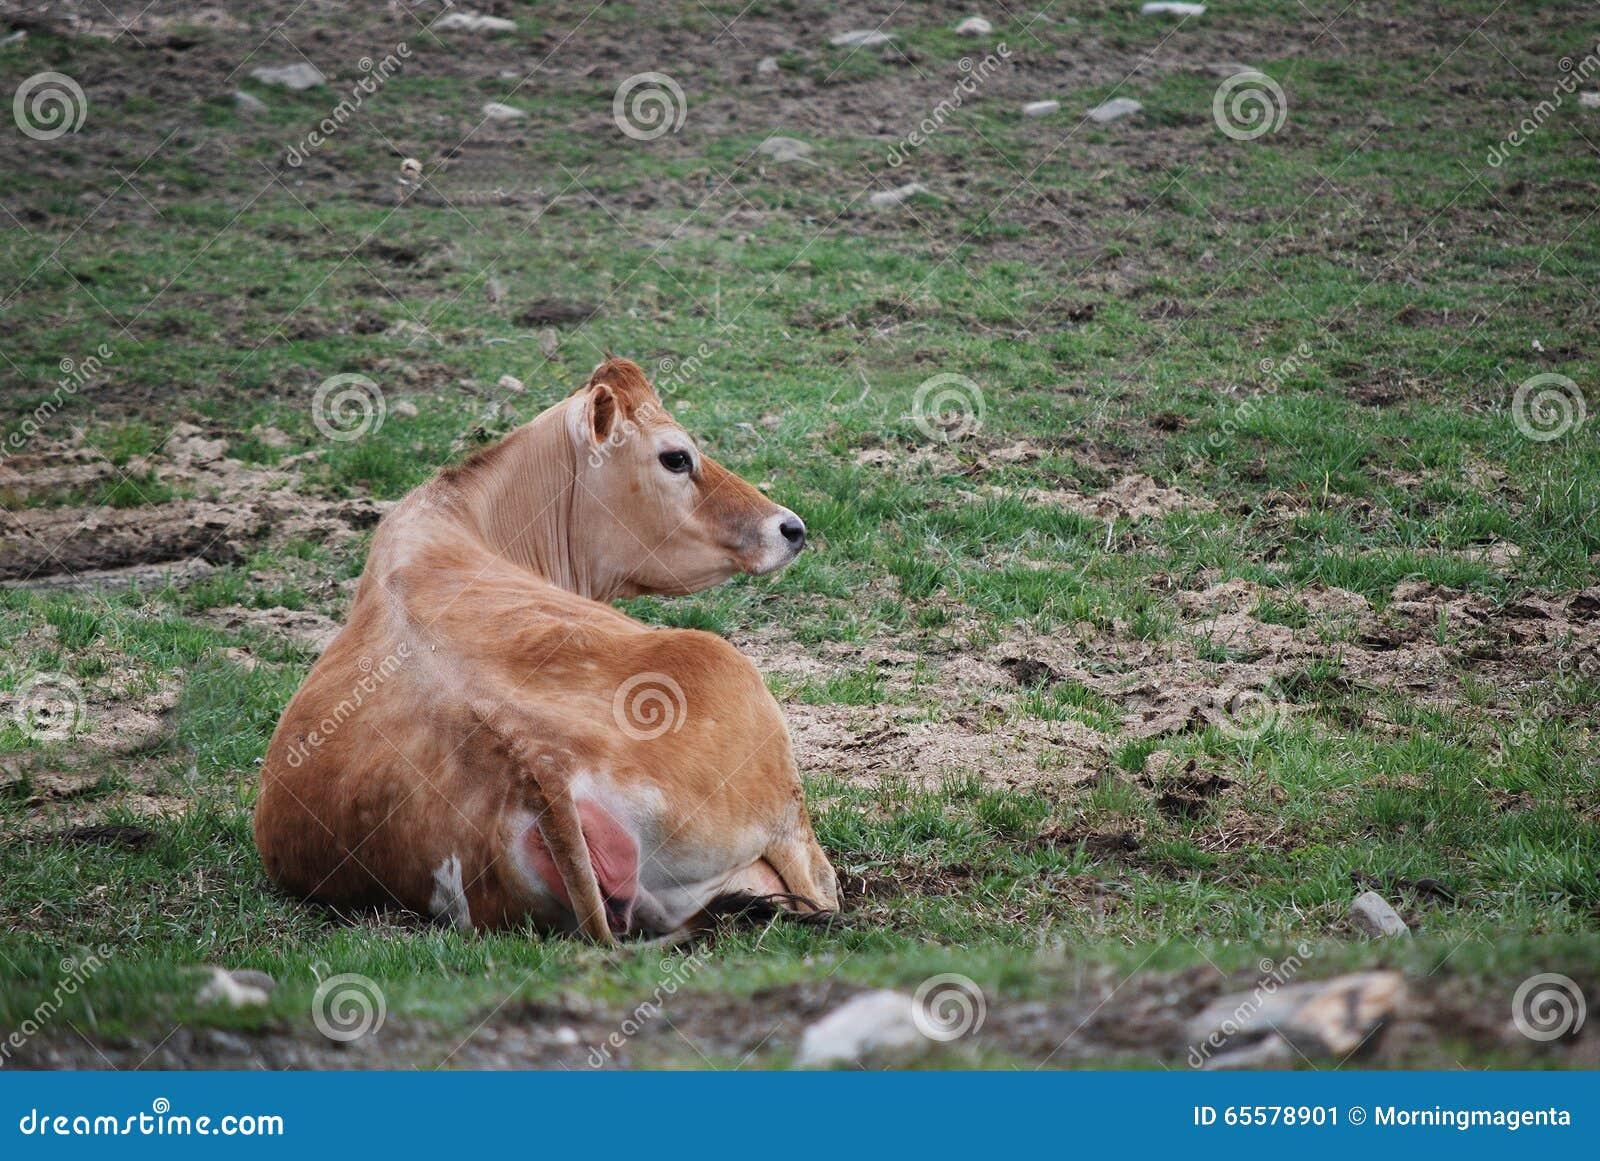 Vaca de Jersey no pasto